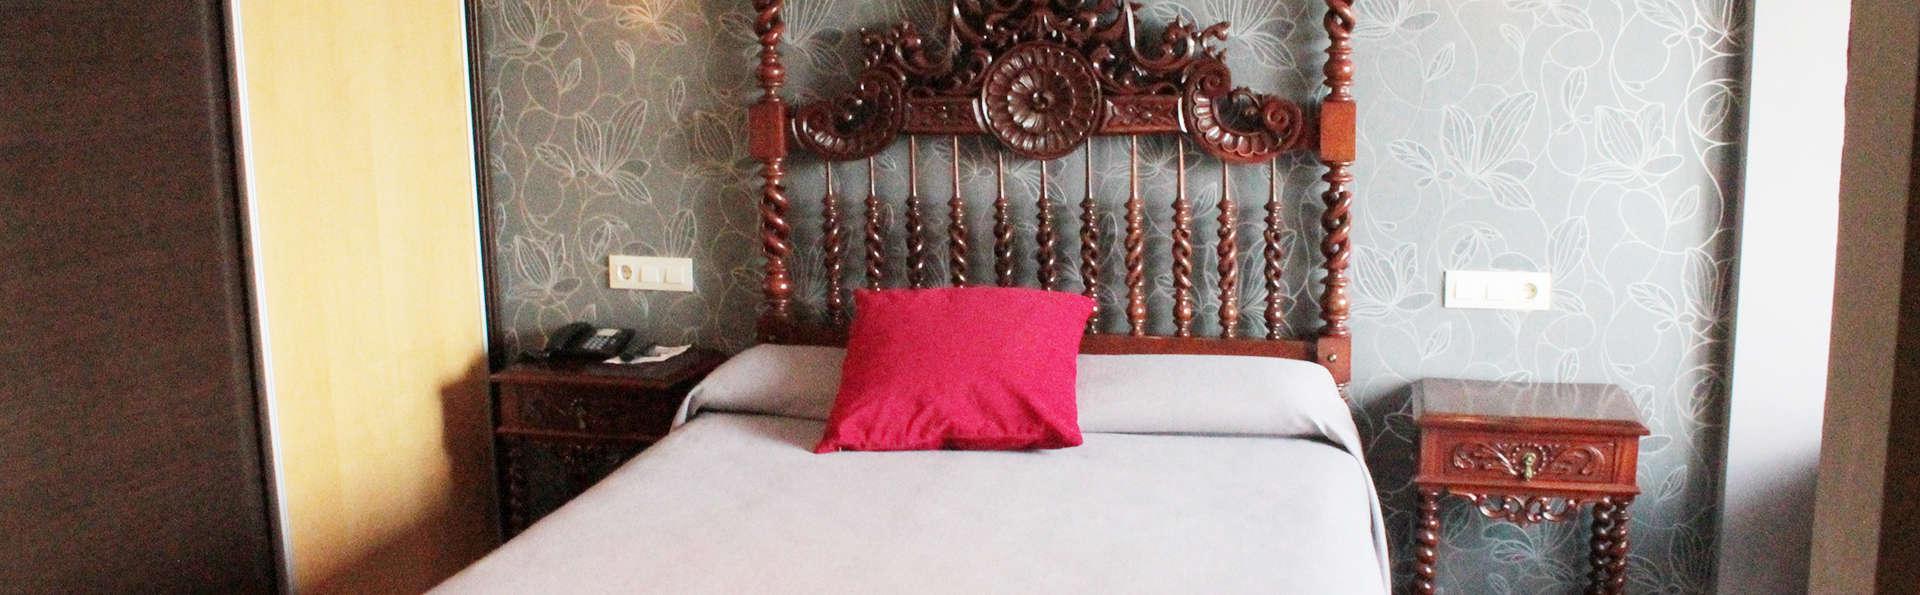 Hotel J-Enrimary - EDIT_room2.jpg